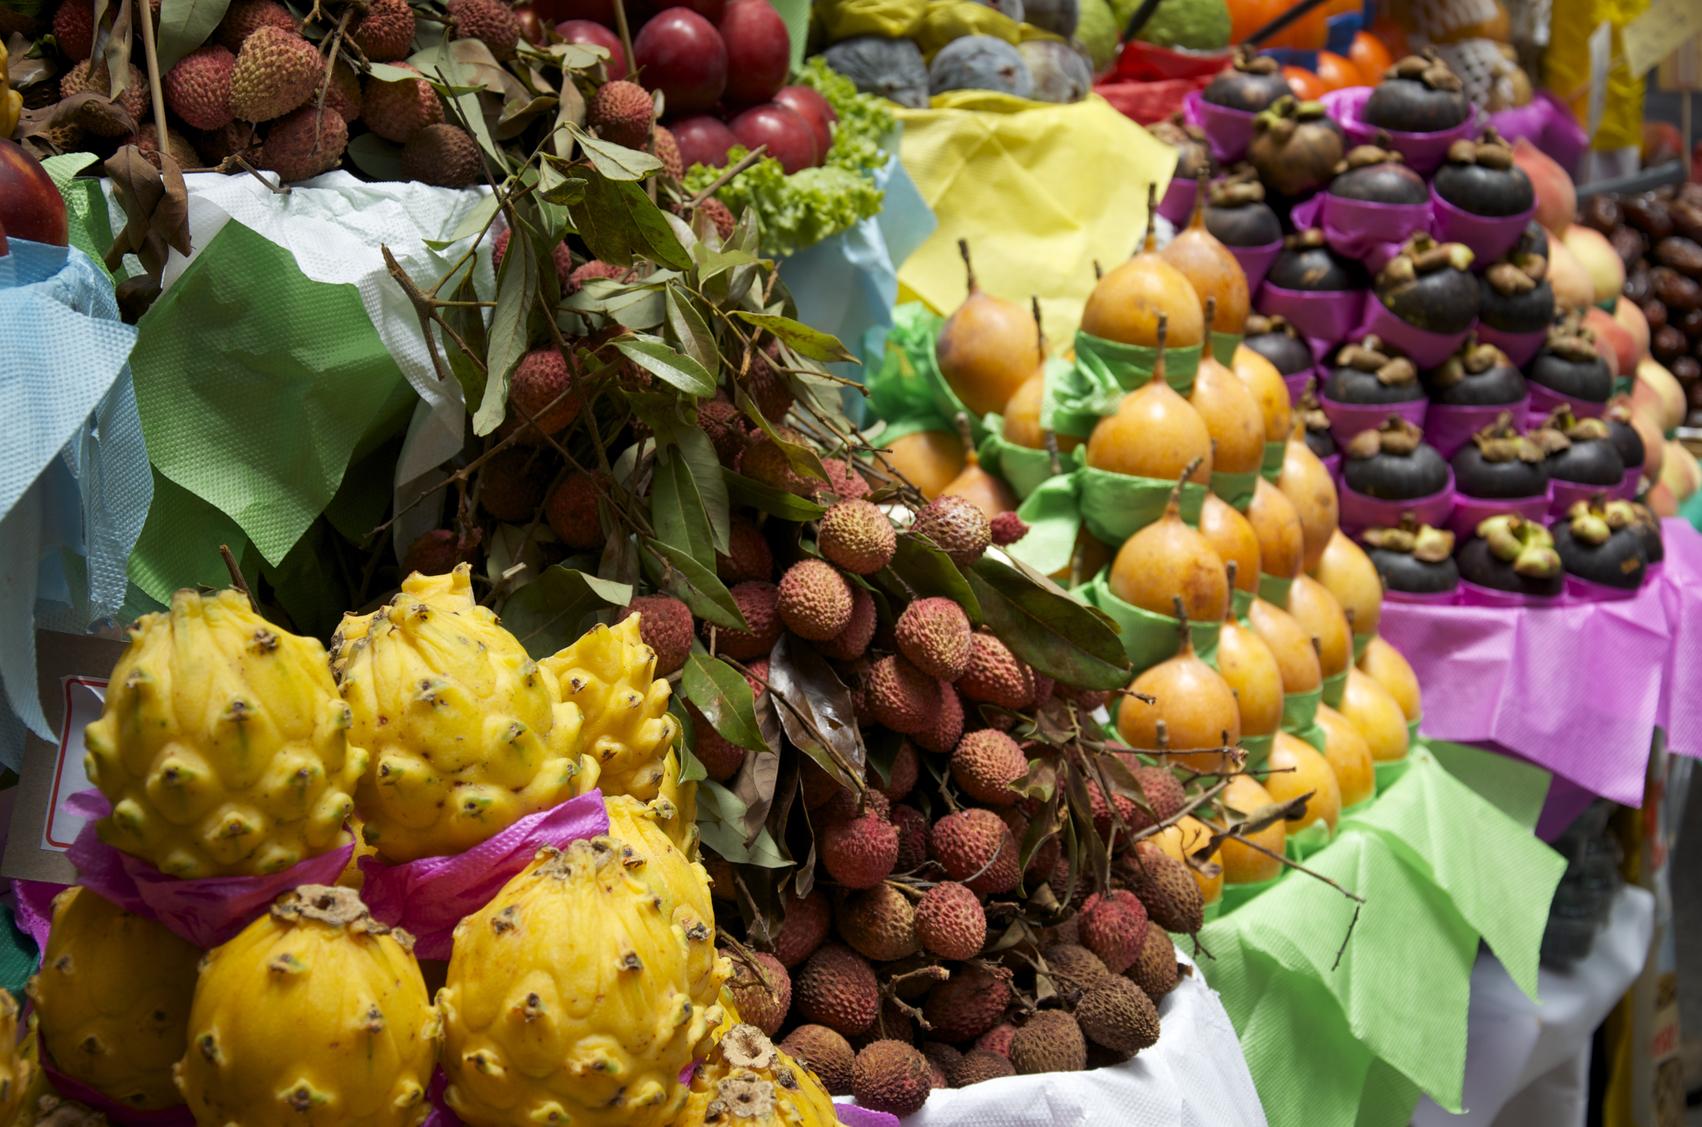 нашей фрукты бразилии фото с названиями десять лет моложе